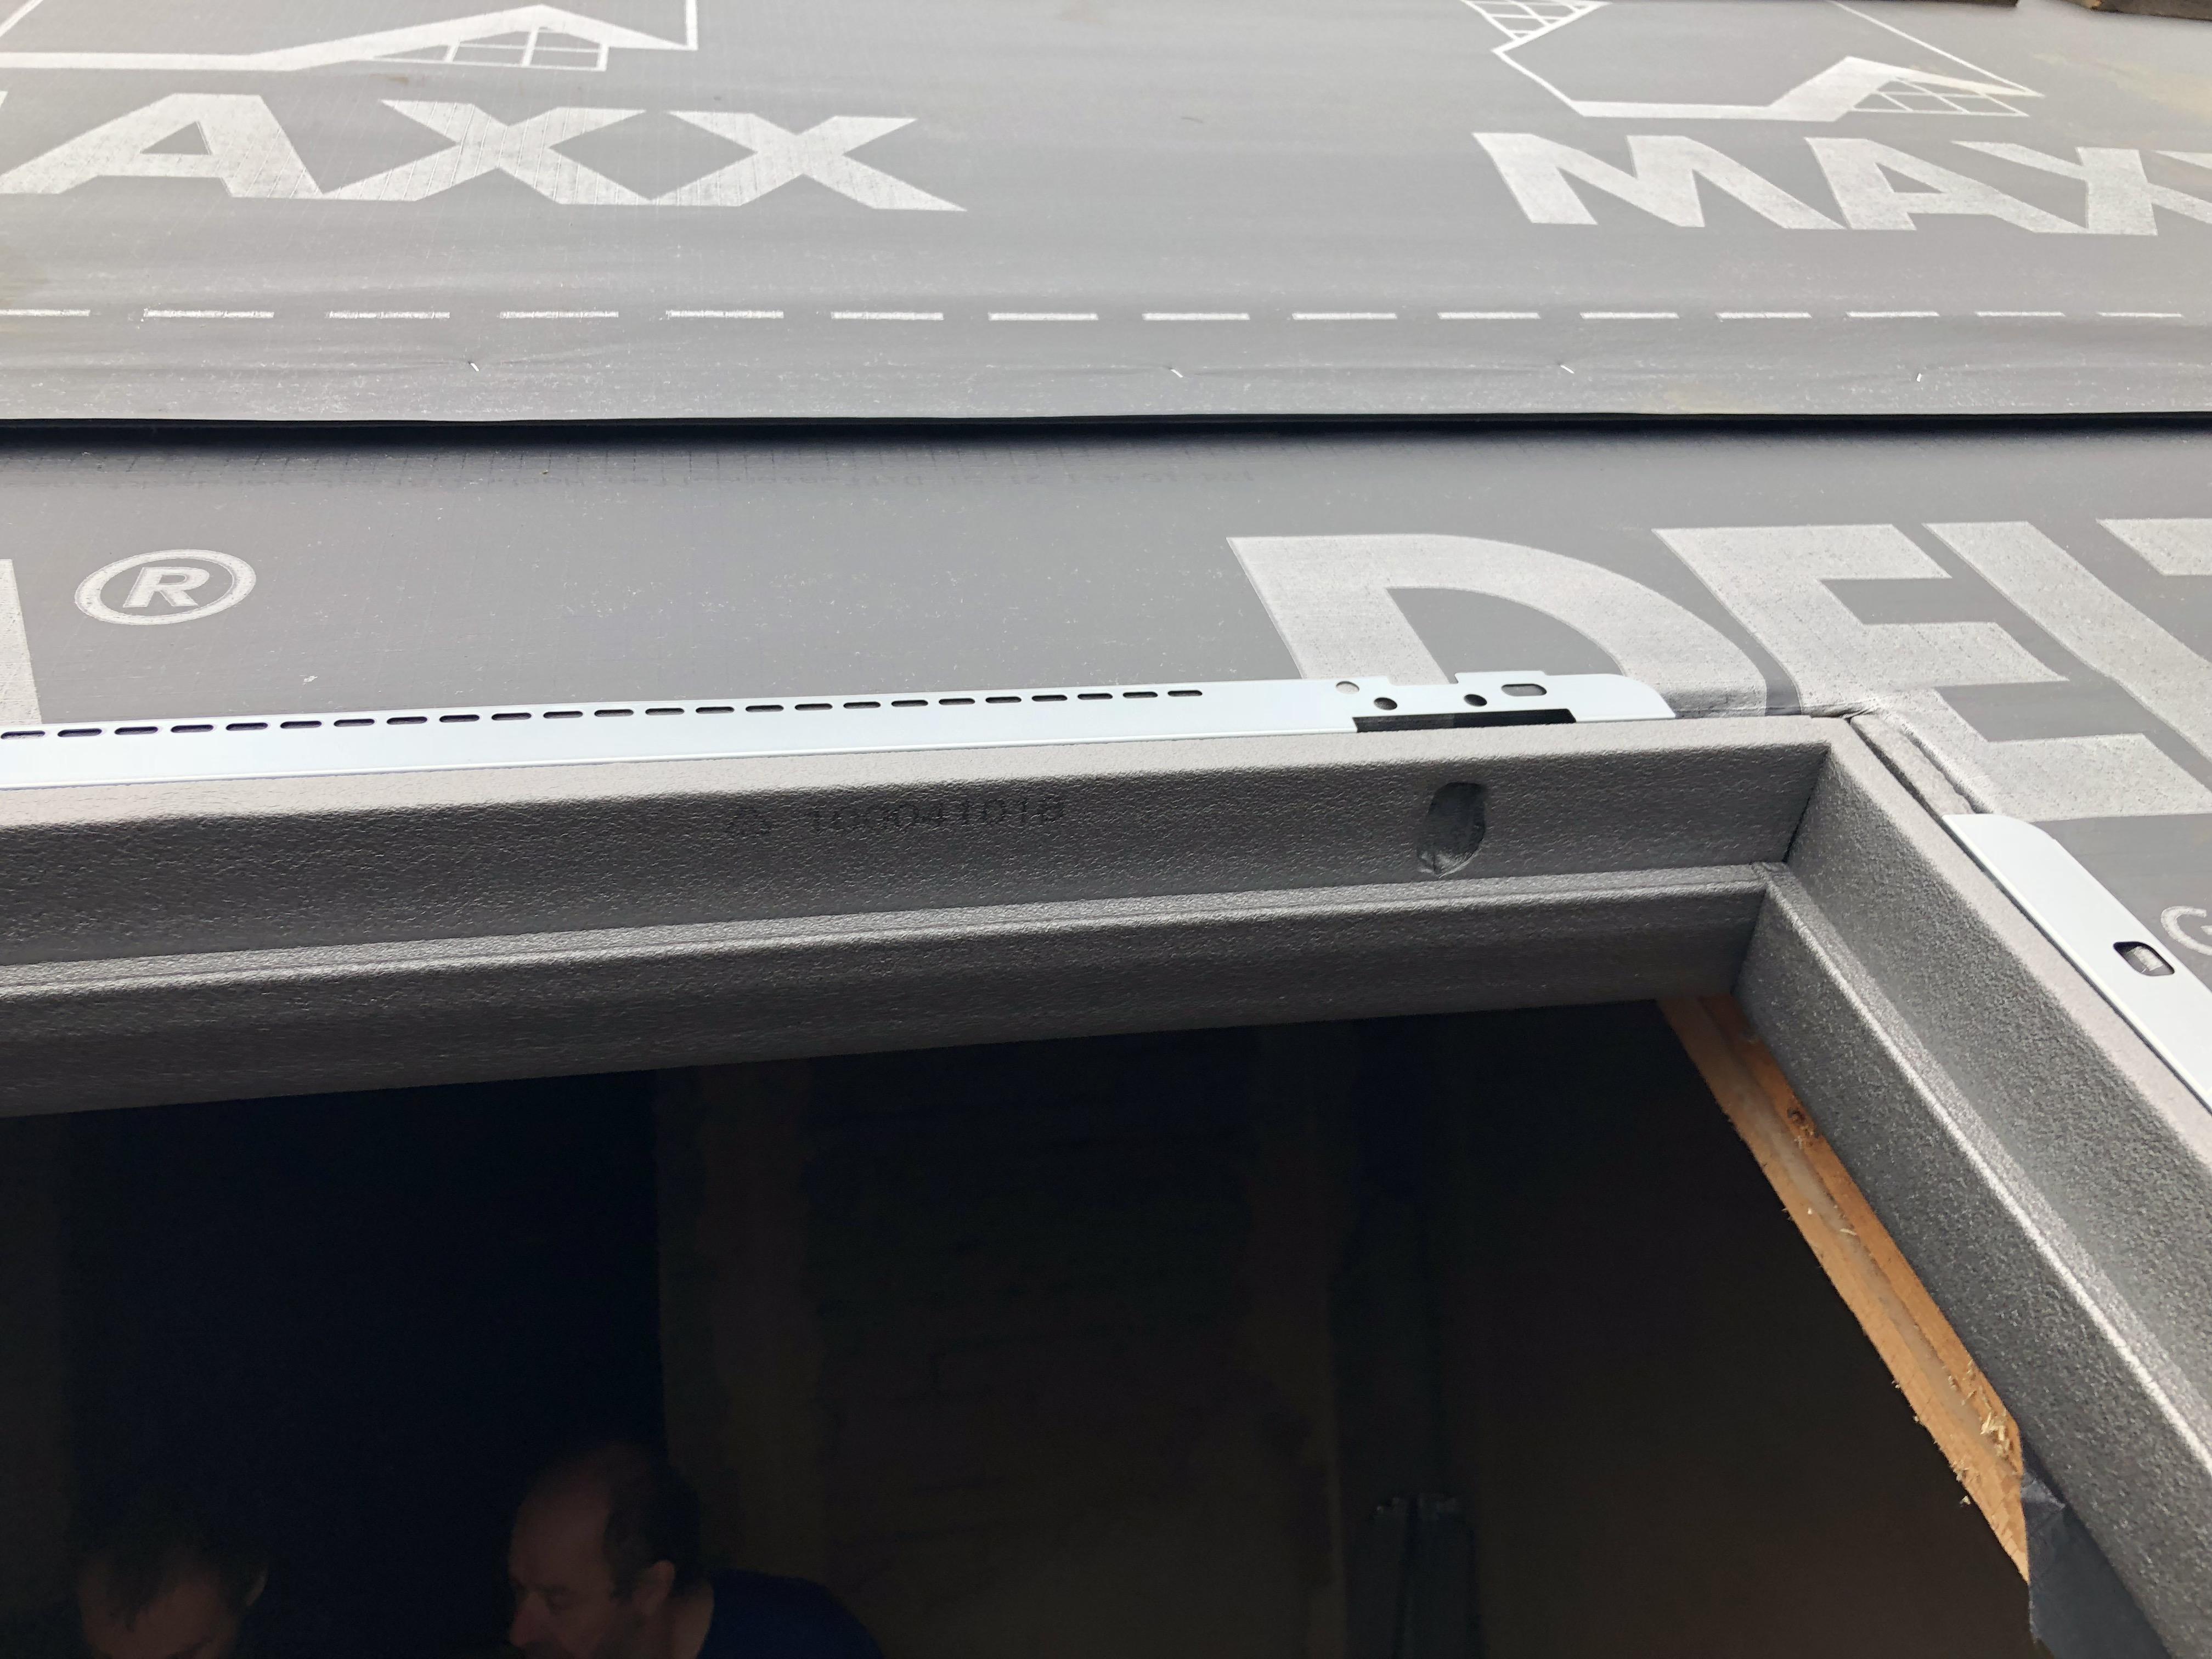 Velux Reference dedans jan harbich - střechy na klíč - jeseník, olomouc, Šumperk, zábřeh